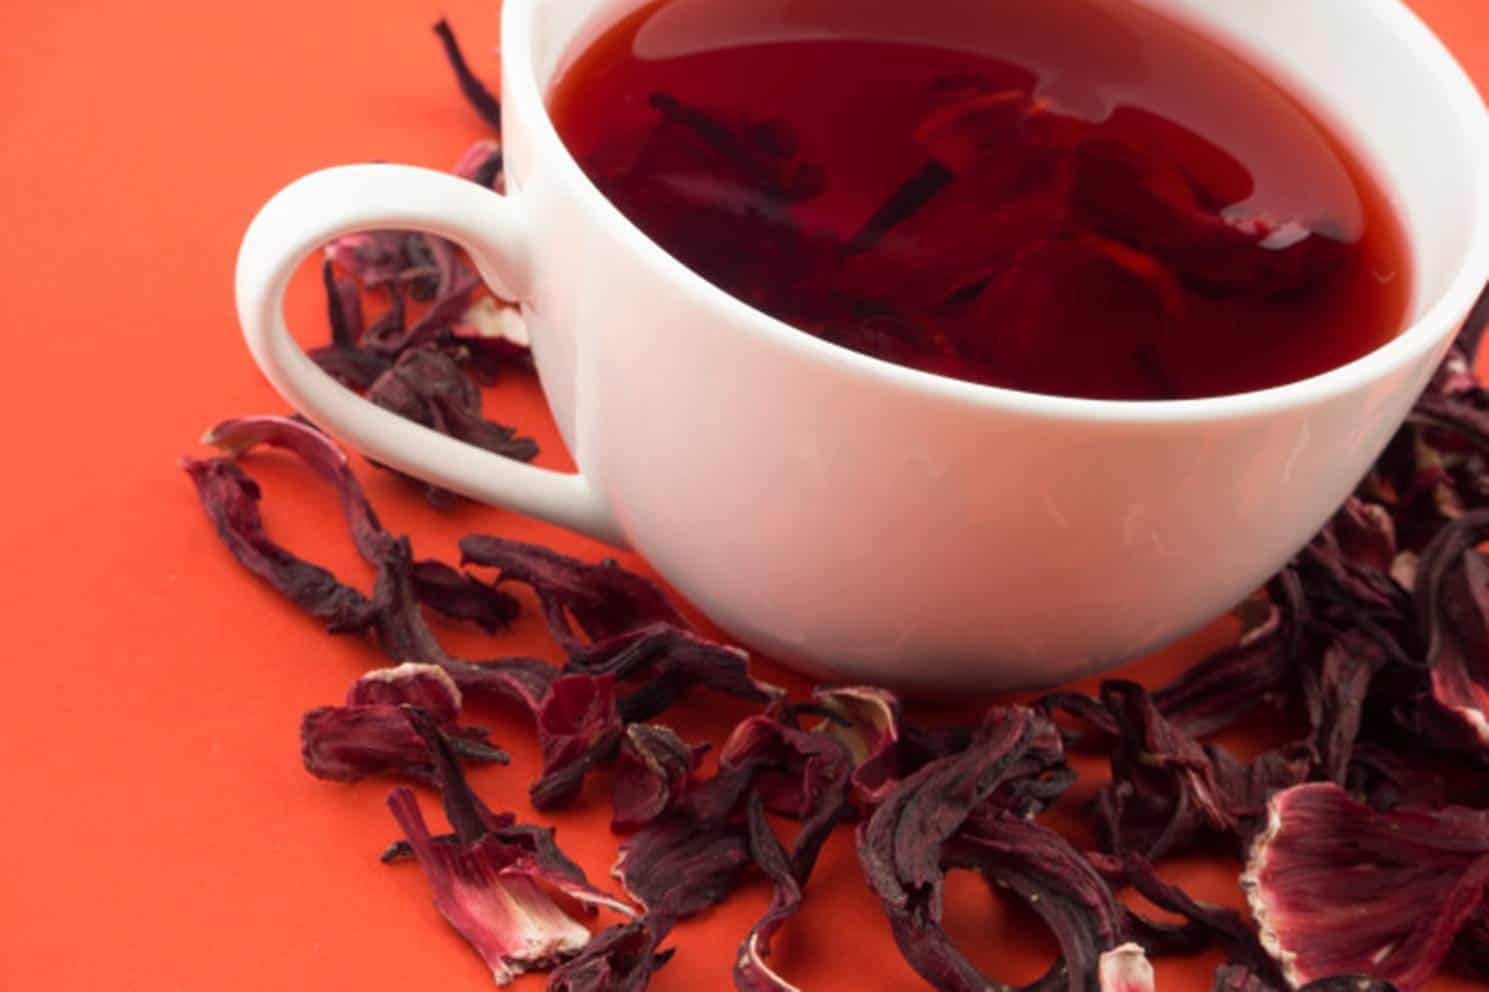 Seca tudo: a dieta do chá de hibisco e os seus benefícios